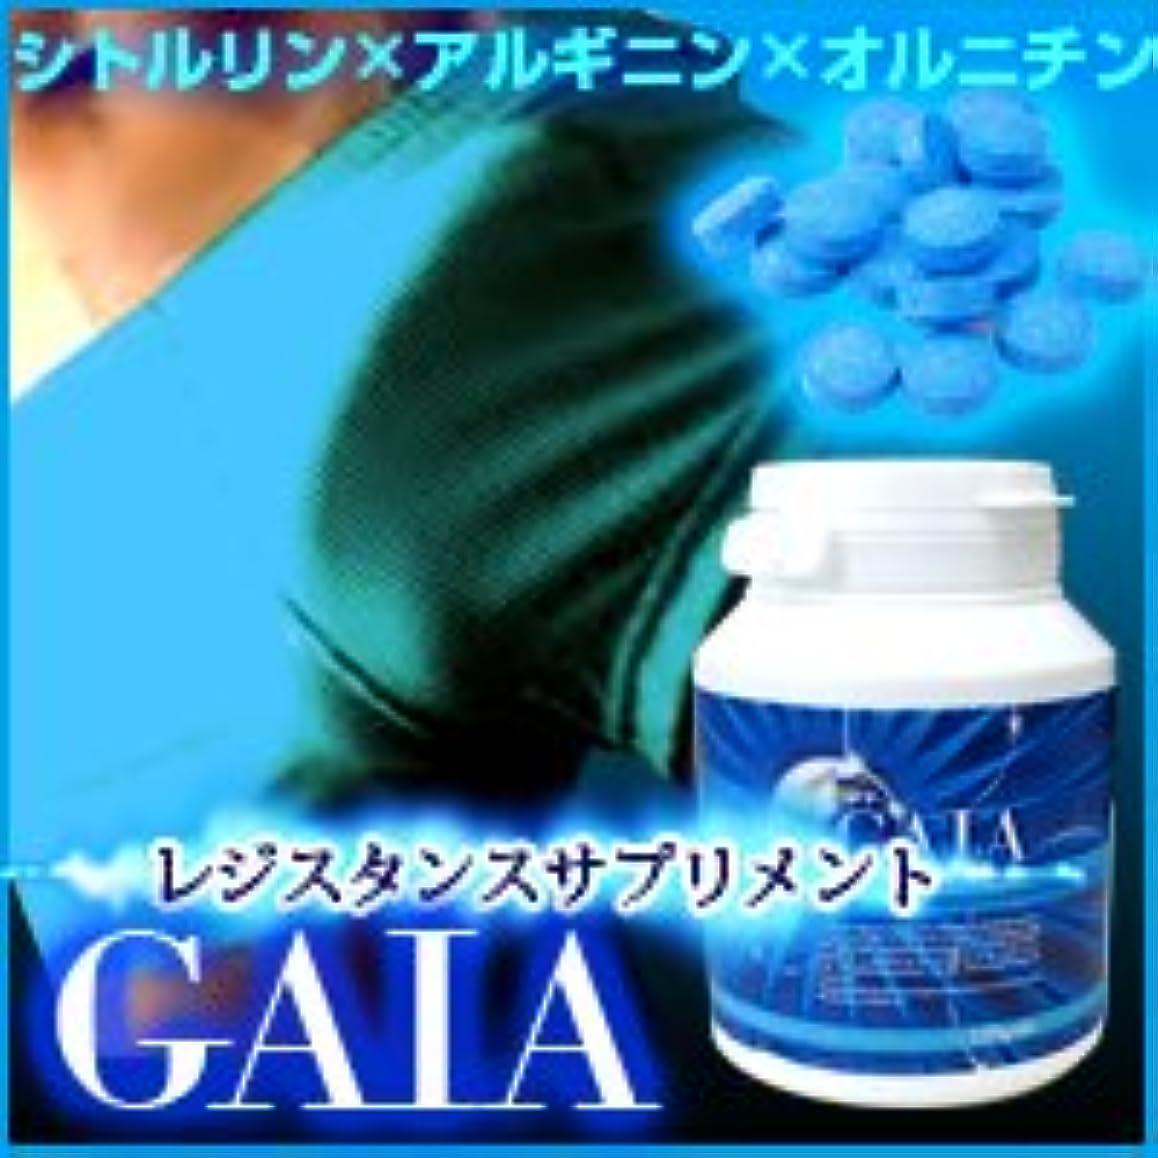 穴真実不規則性ガイア (GAIA) 120粒 2個セット ※シトルリン×アルギニン×オルニチンのアミノ酸ローテーション!